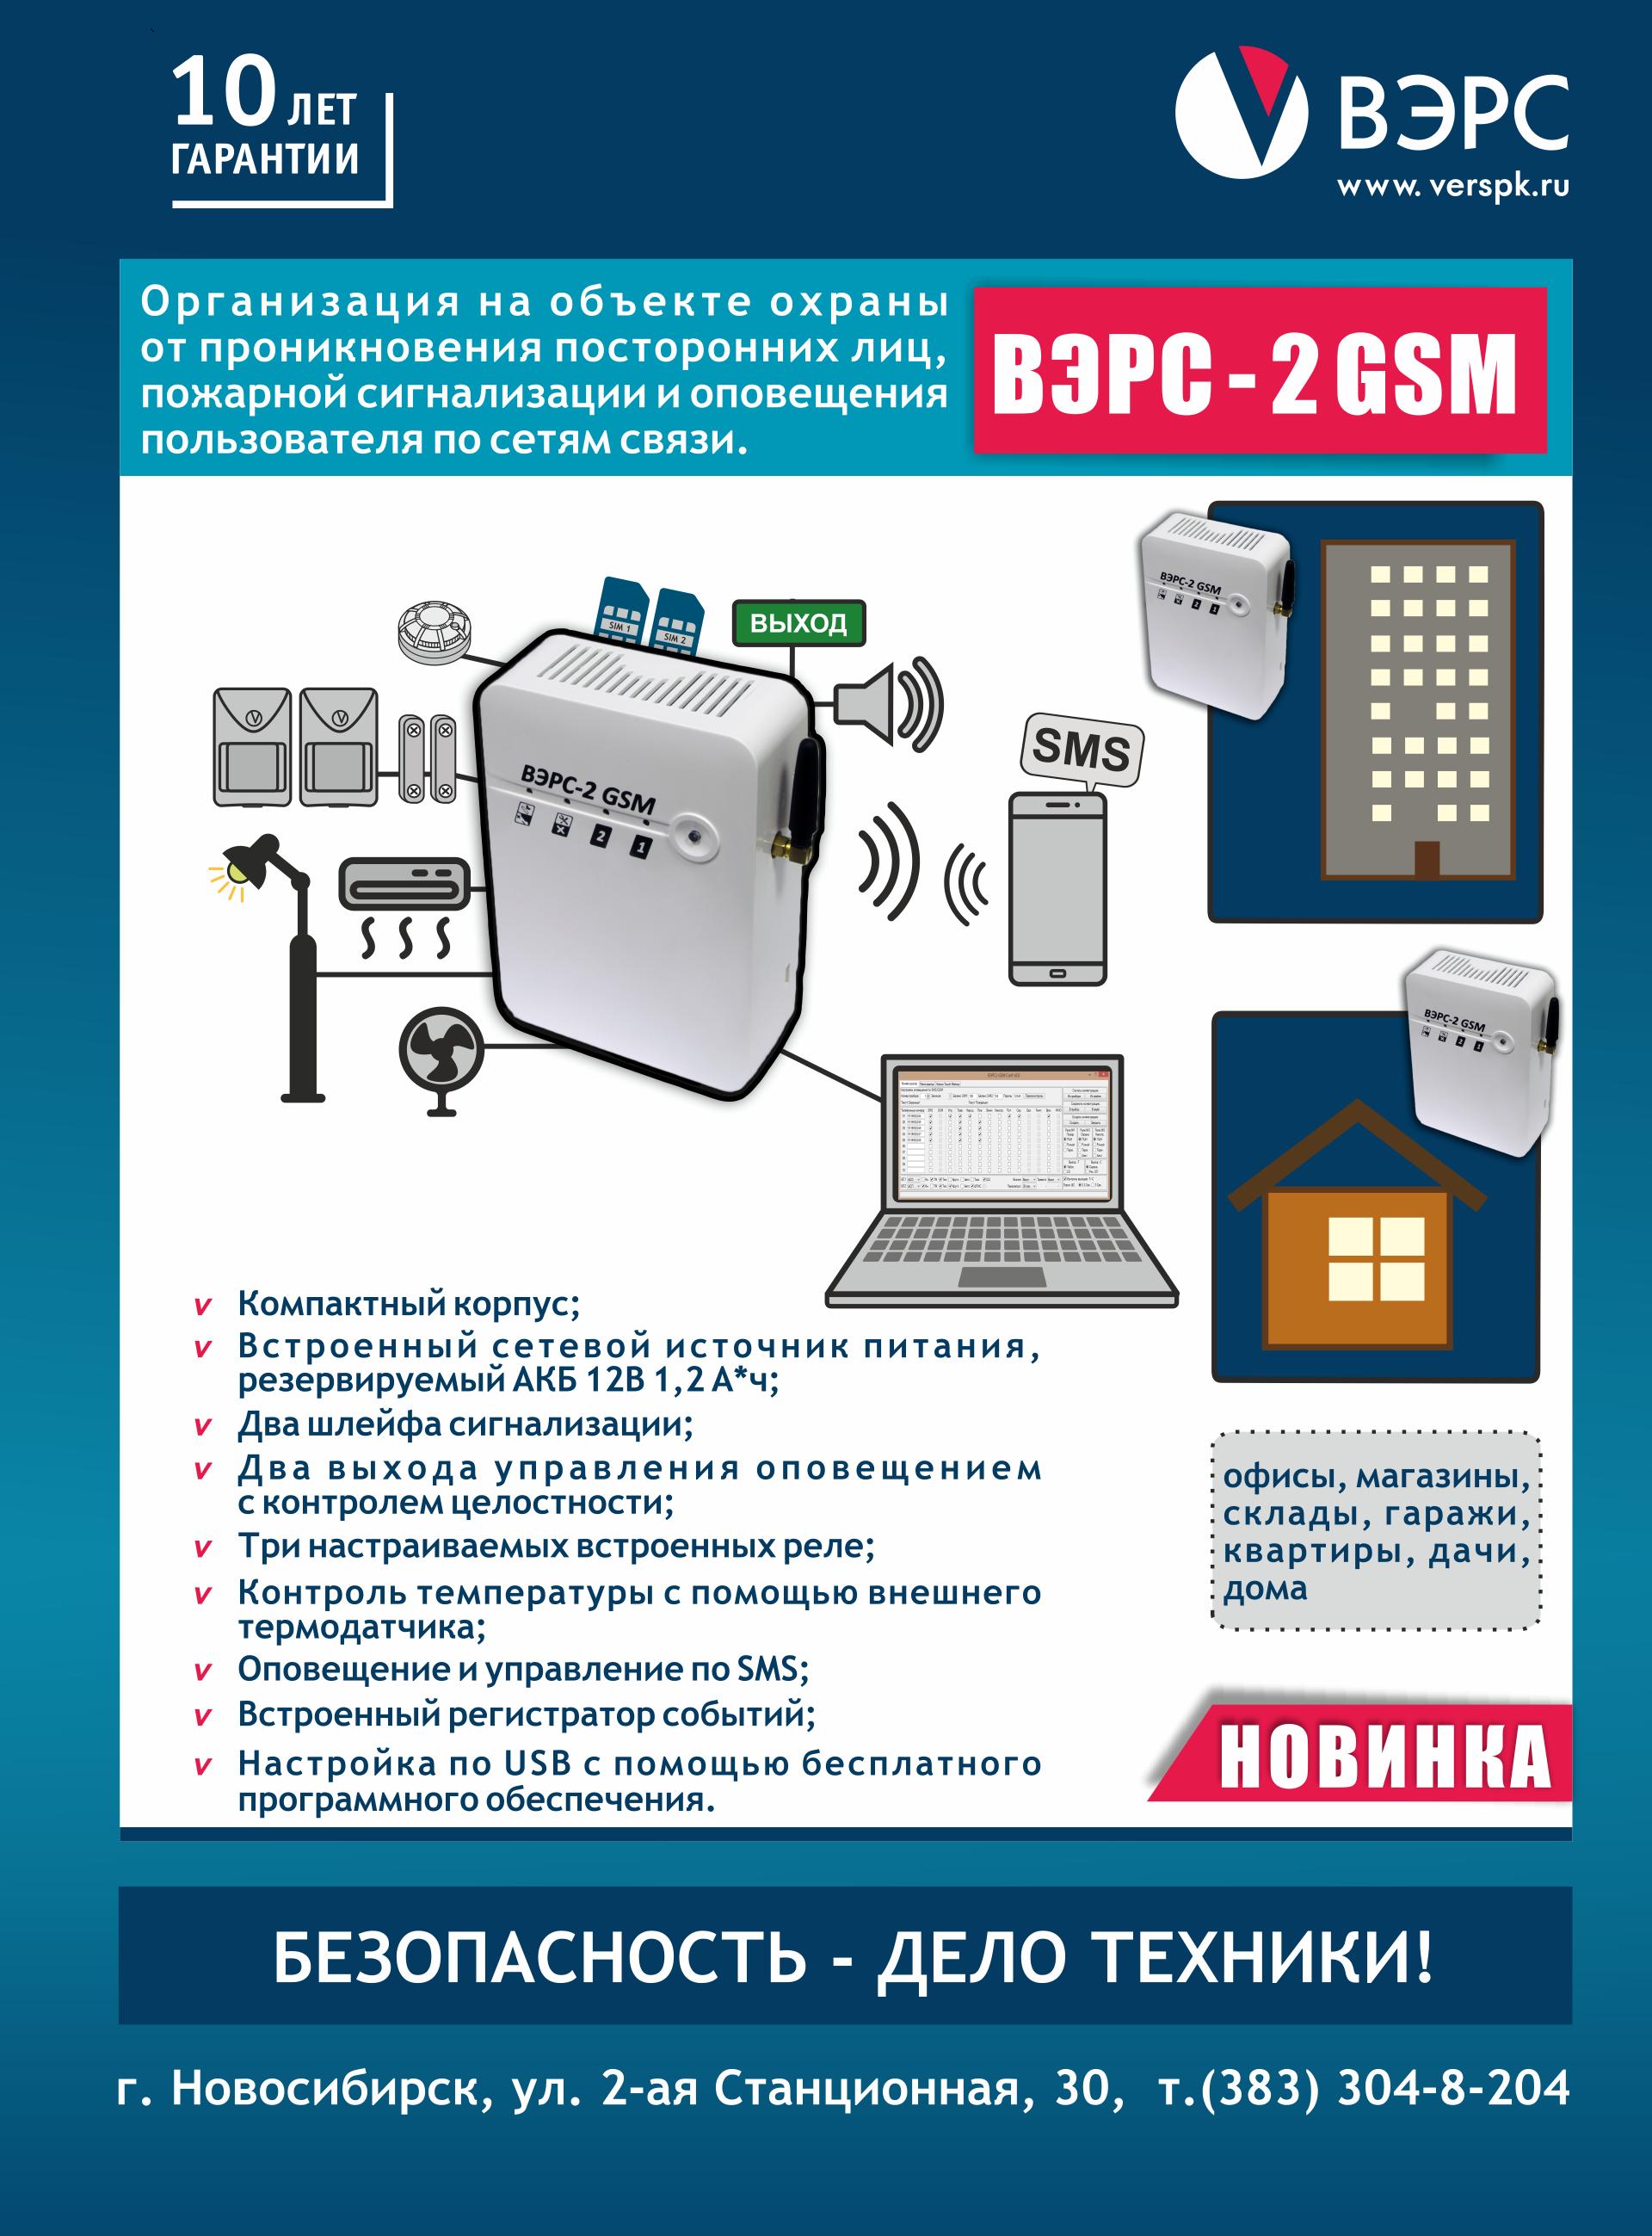 ВЕРС 2-GSM